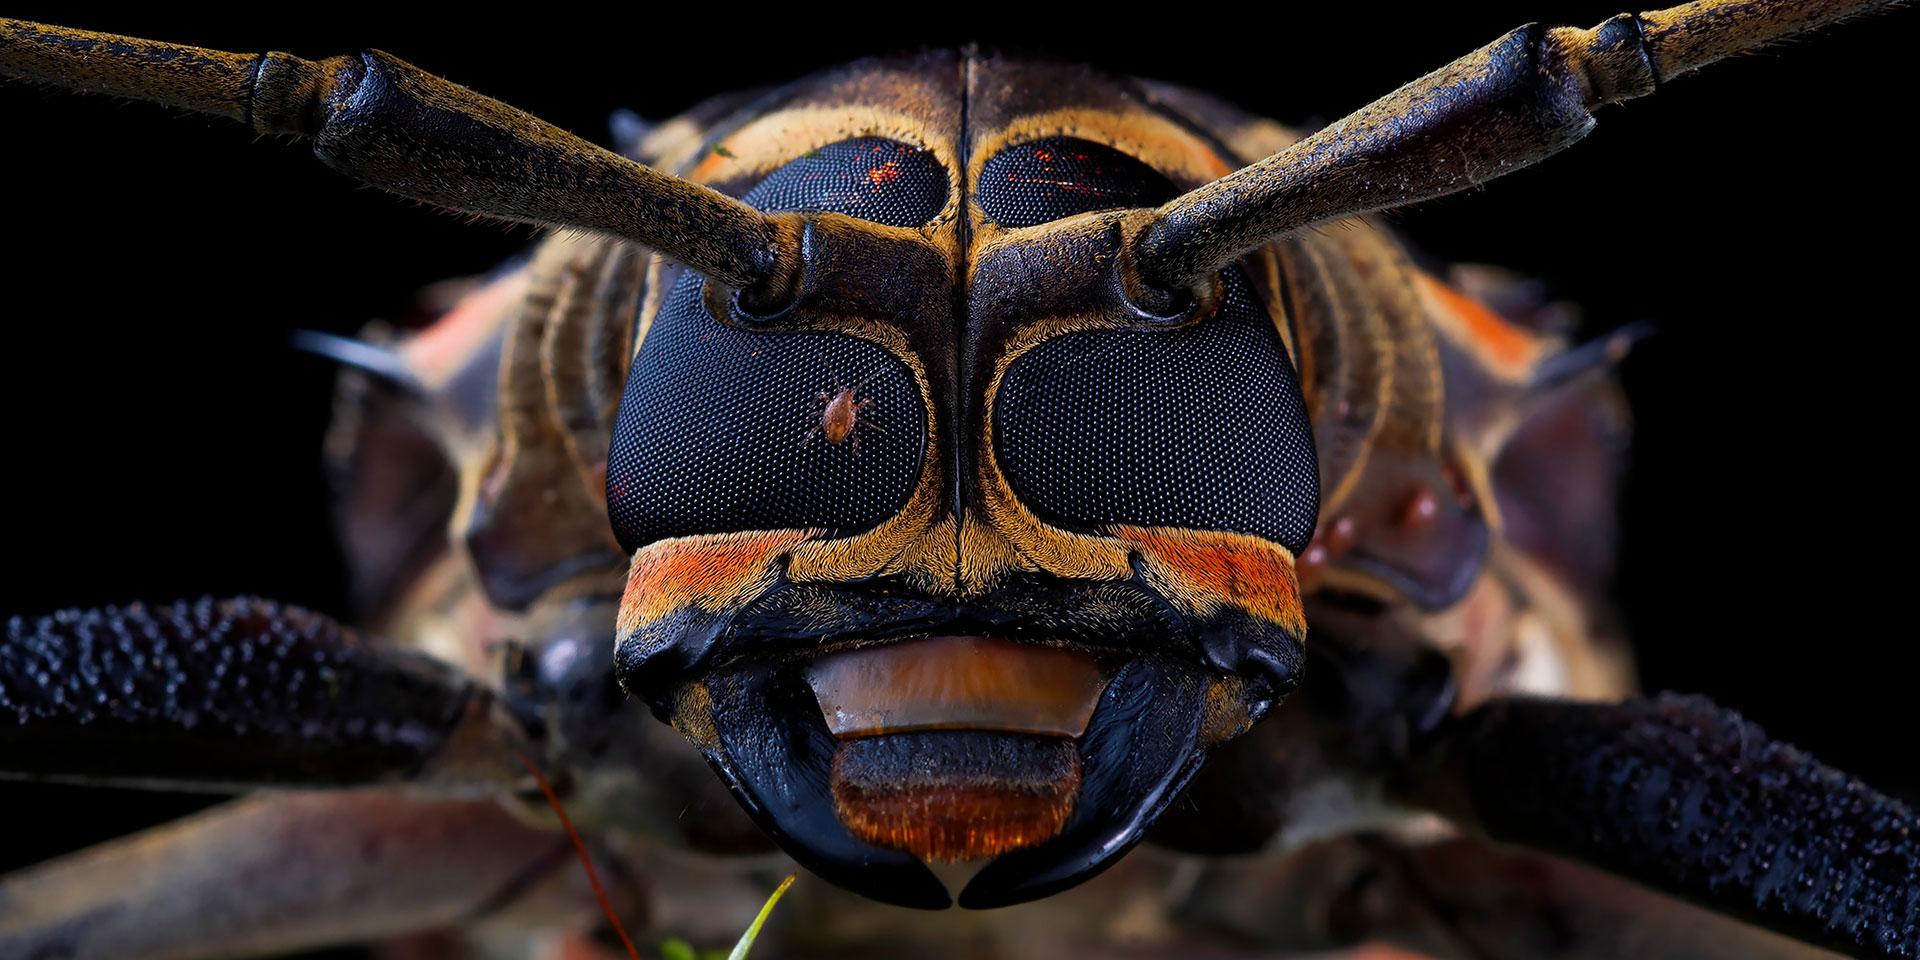 Neoselva-Acrocinus-longimanus-Escarabajo-arlequin-Suamox-Harlequin-beetle-portrait-Tours-Web